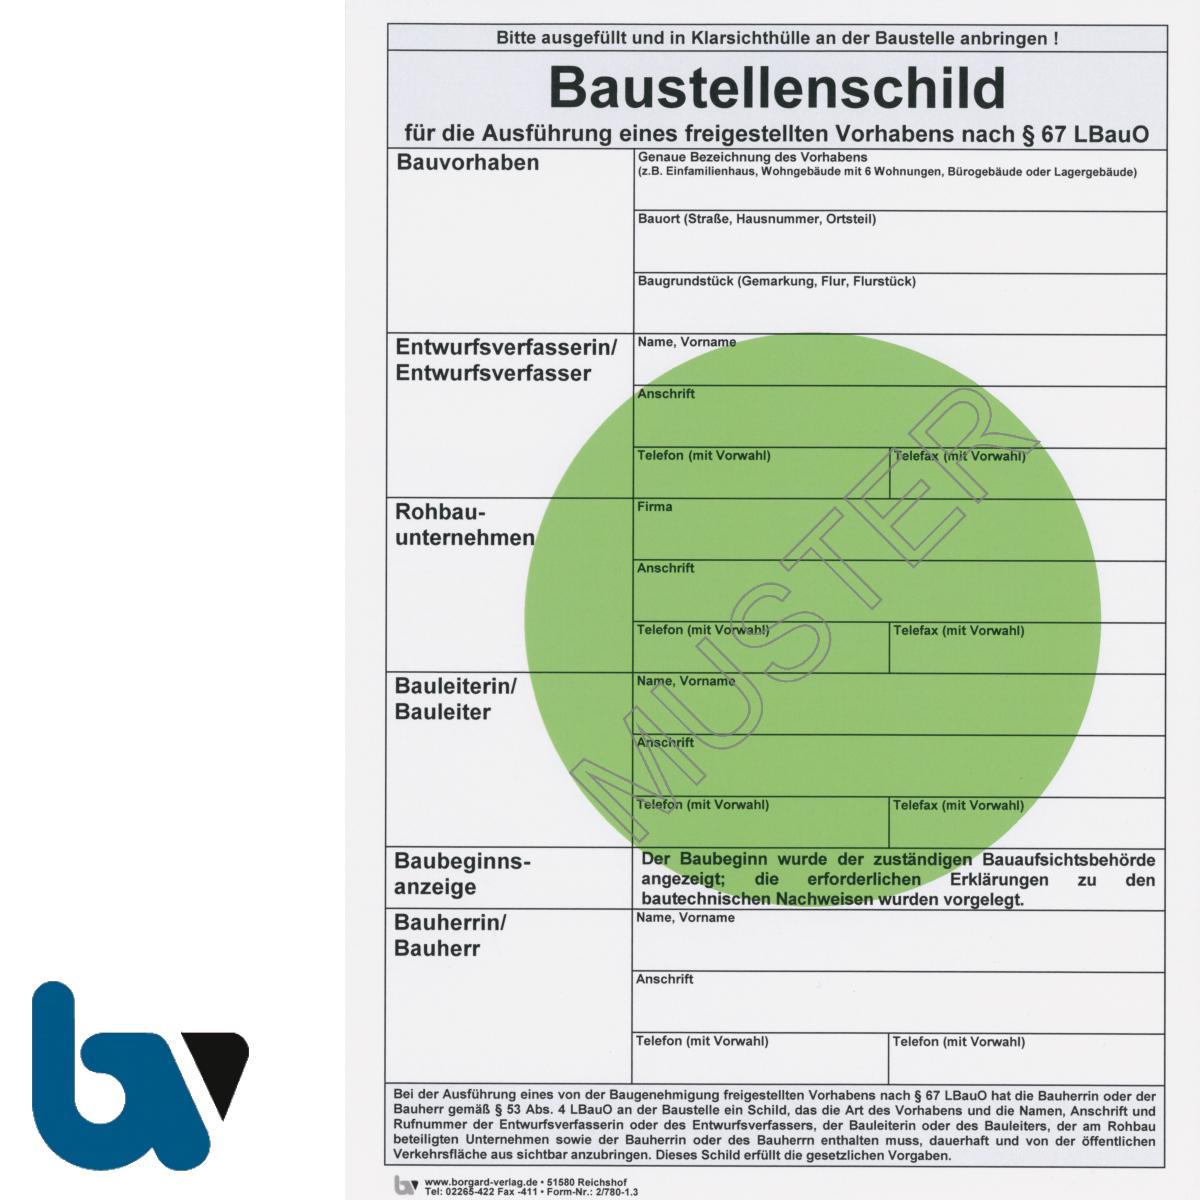 2/780-1.3 Baustellenschild grüner Punkt RLP Bauordnung LBauO Freigestellt Vorhaben Karton DIN A4 Vorderseite | Borgard Verlag GmbH